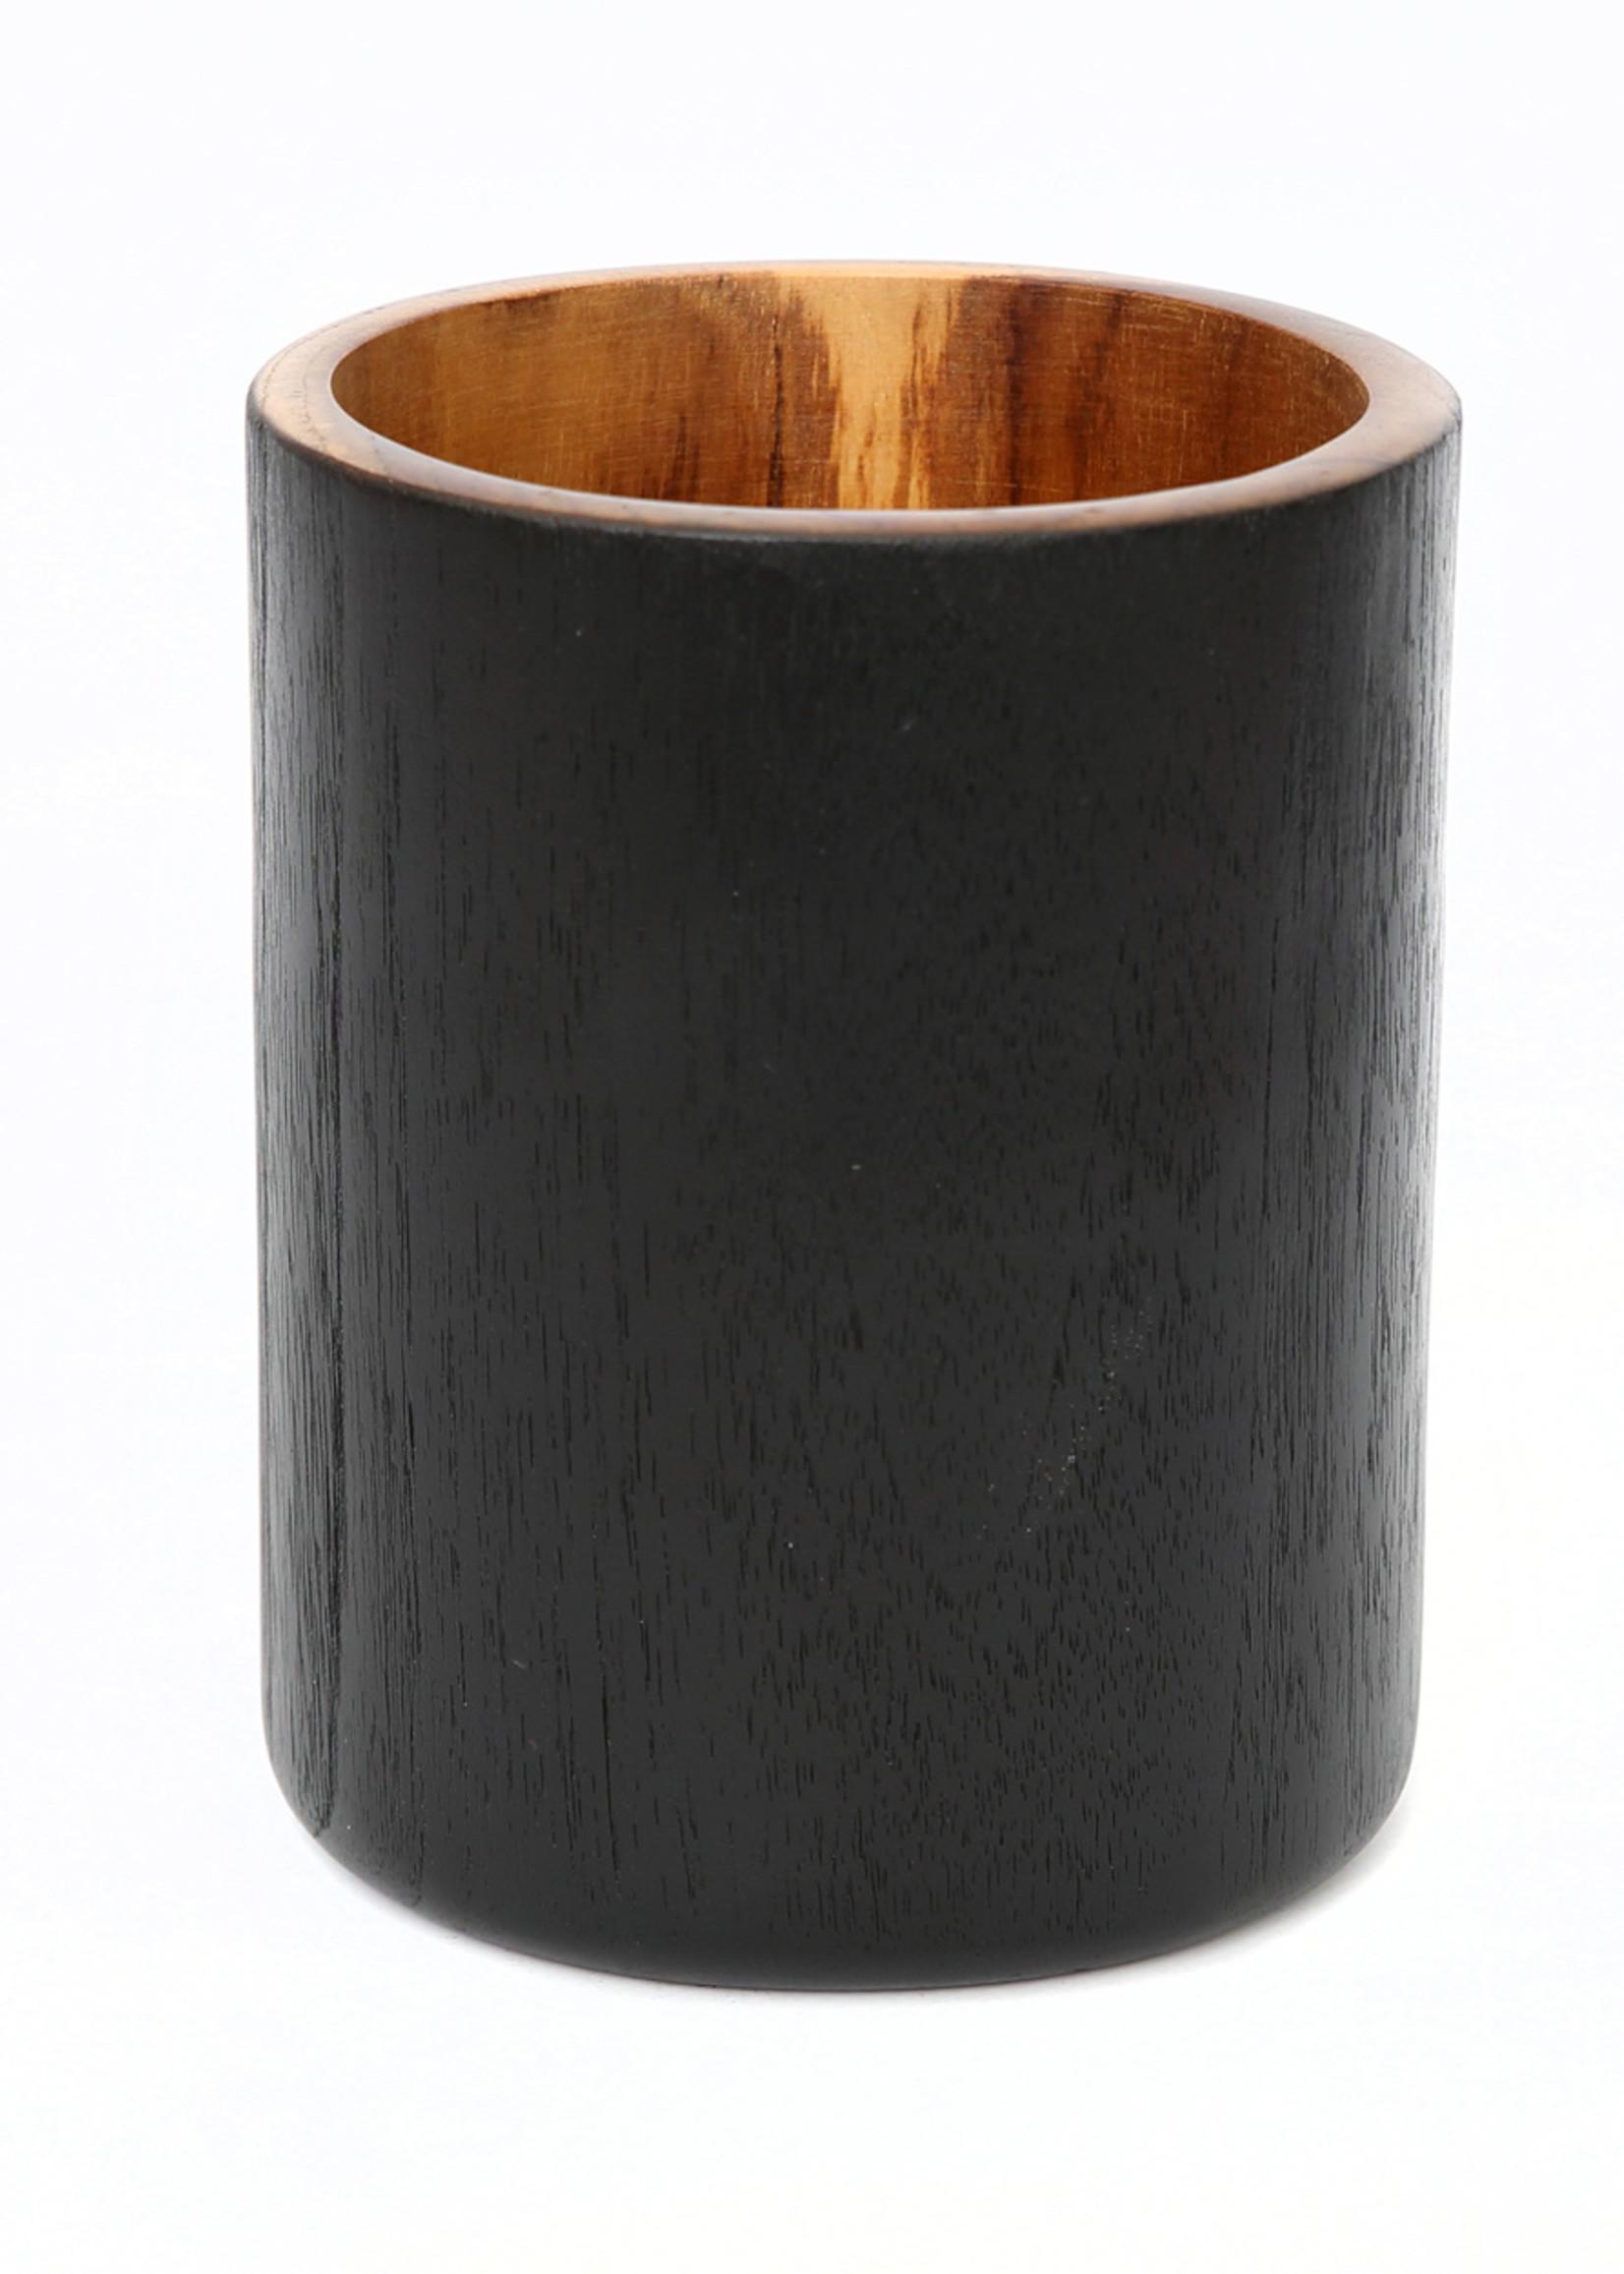 The Bondi Vase - Round